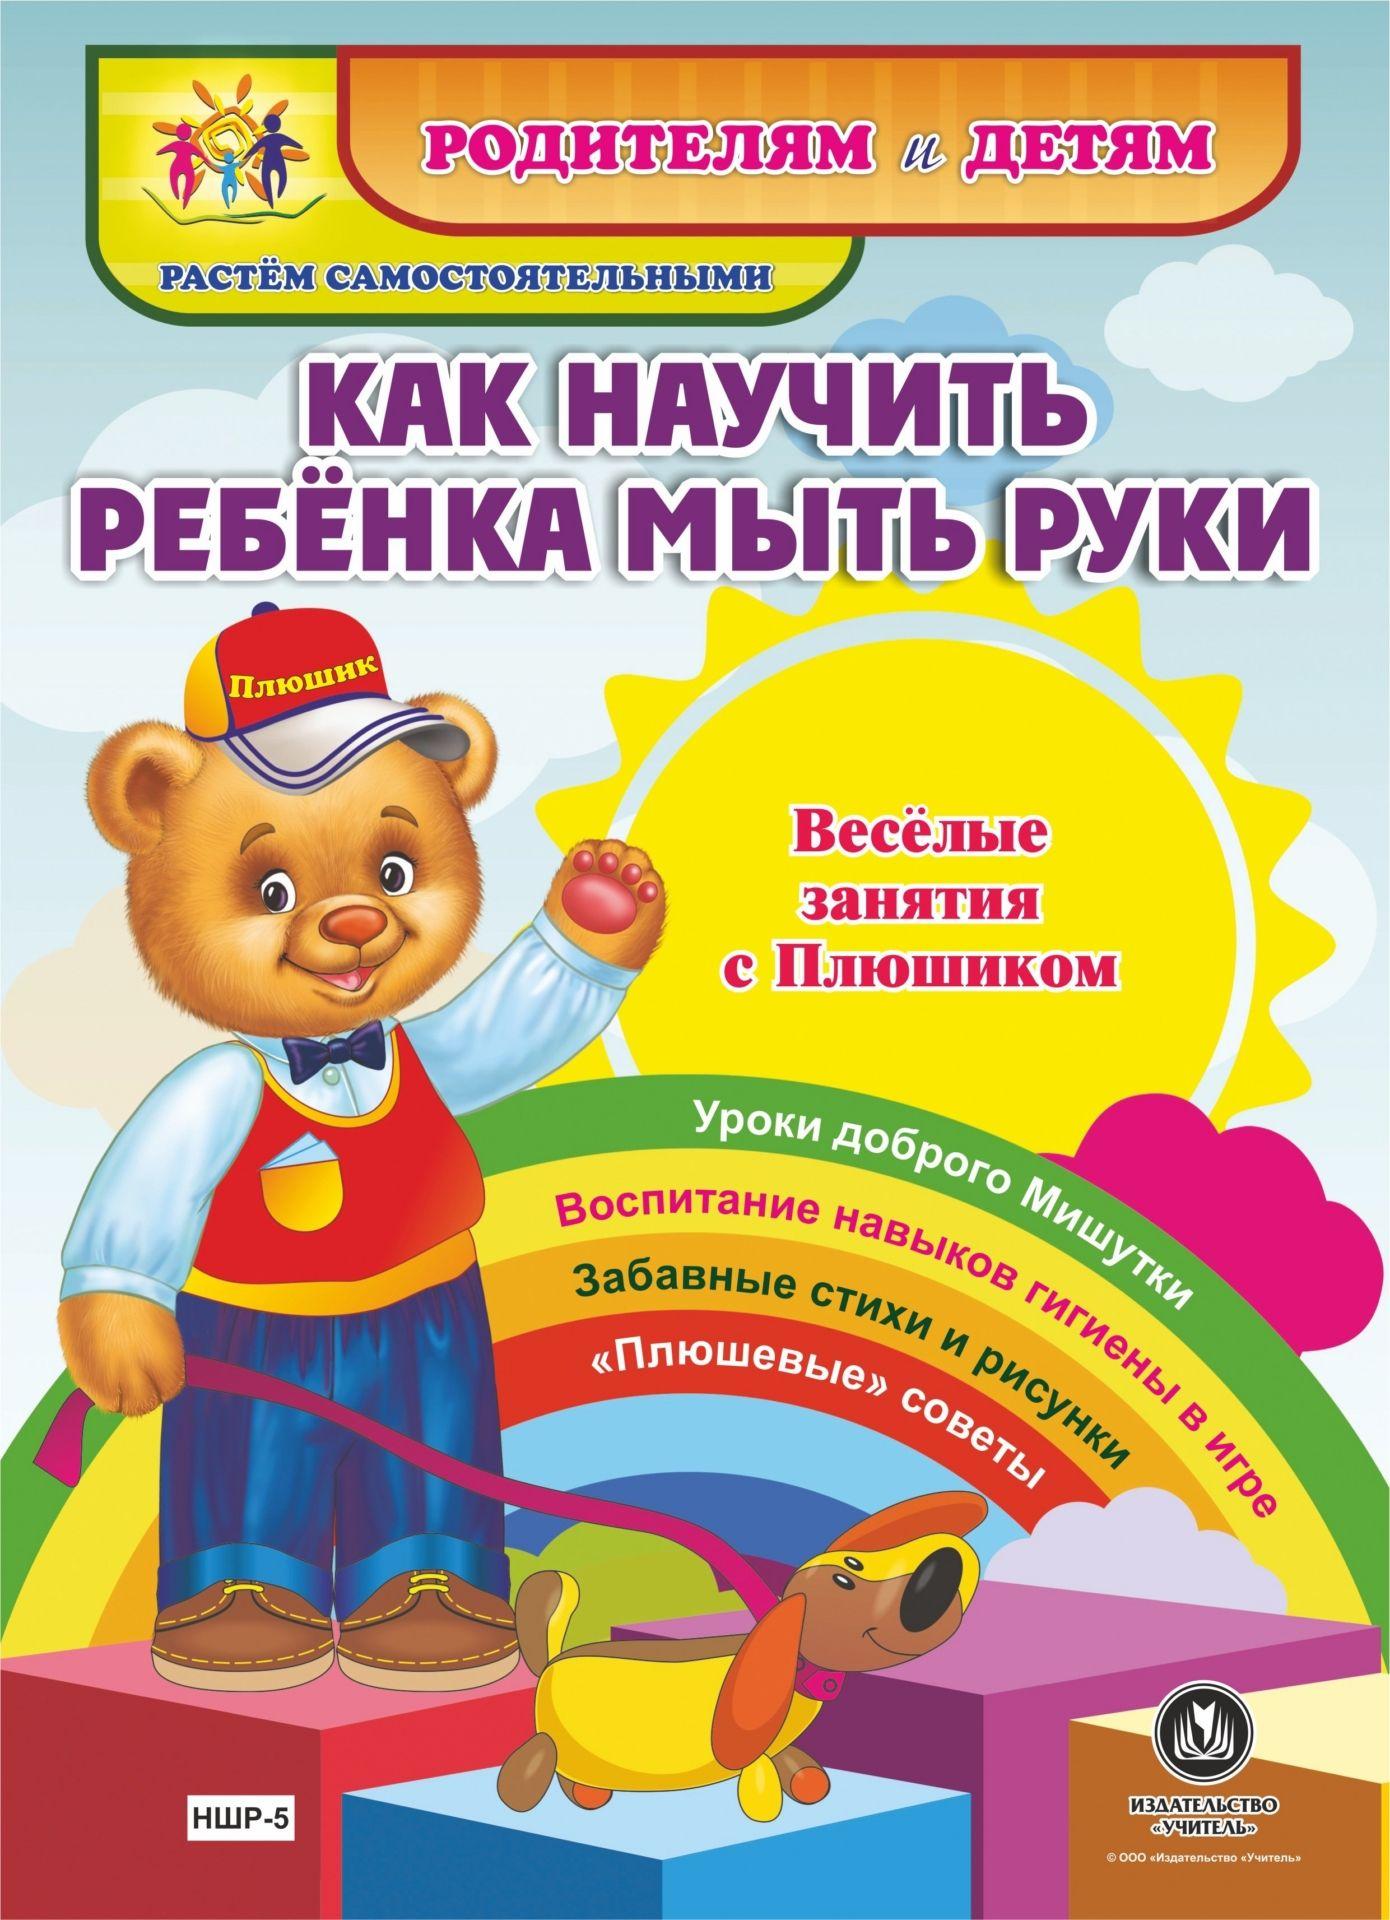 Как научить ребенка мыть руки. Веселые занятия с ПлюшикомДетские книги<br>Представляем книжку-гармошку Как научить ребенка мыть руки из серии Родителям и детям. Растём самостоятельными. Замечательное пособие повествует о том, как любимый детьми герой - мишутка Плюшик - с удовольствием делится на страницах красочной книжки-г...<br><br>Год: 2017<br>Серия: Родителям и детям. Растём самостоятельными<br>Высота: 290<br>Ширина: 210<br>Переплёт: набор